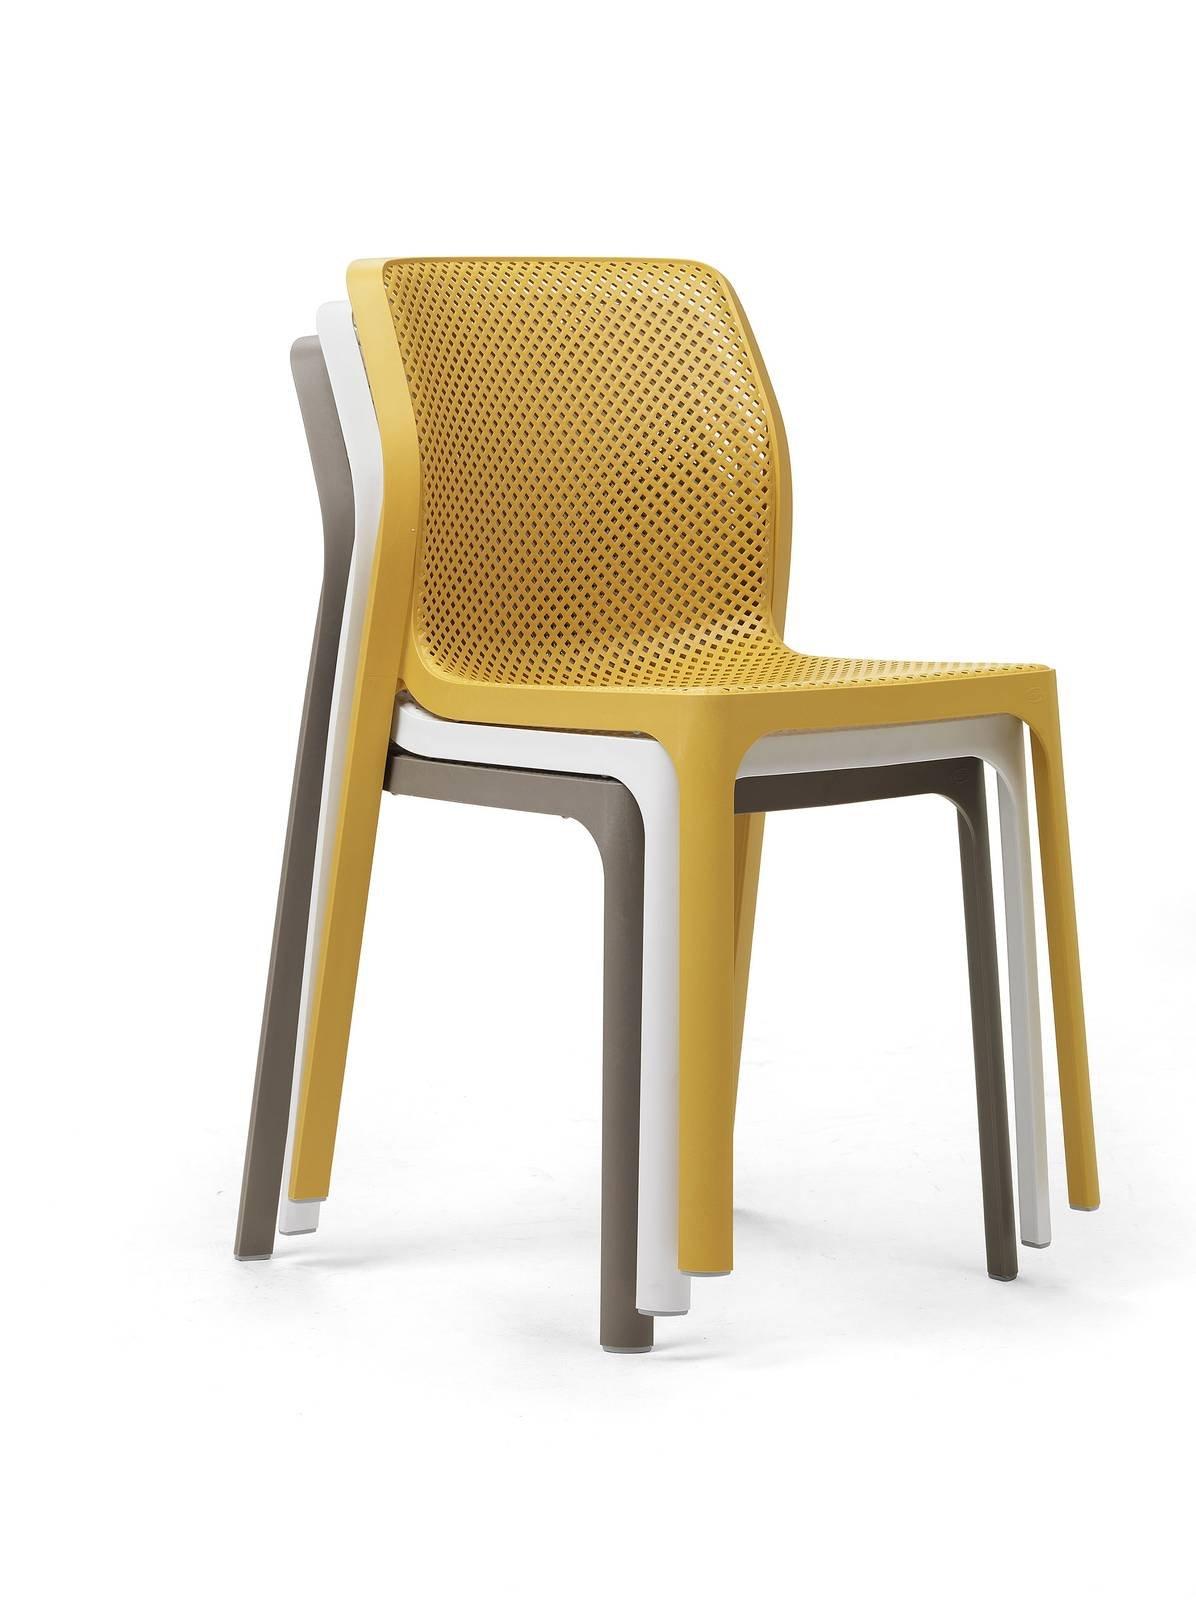 Sedie In Resina Colorate.Le Nuove Sedie E Poltroncine Al Salone Del Mobile 2017 Cose Di Casa